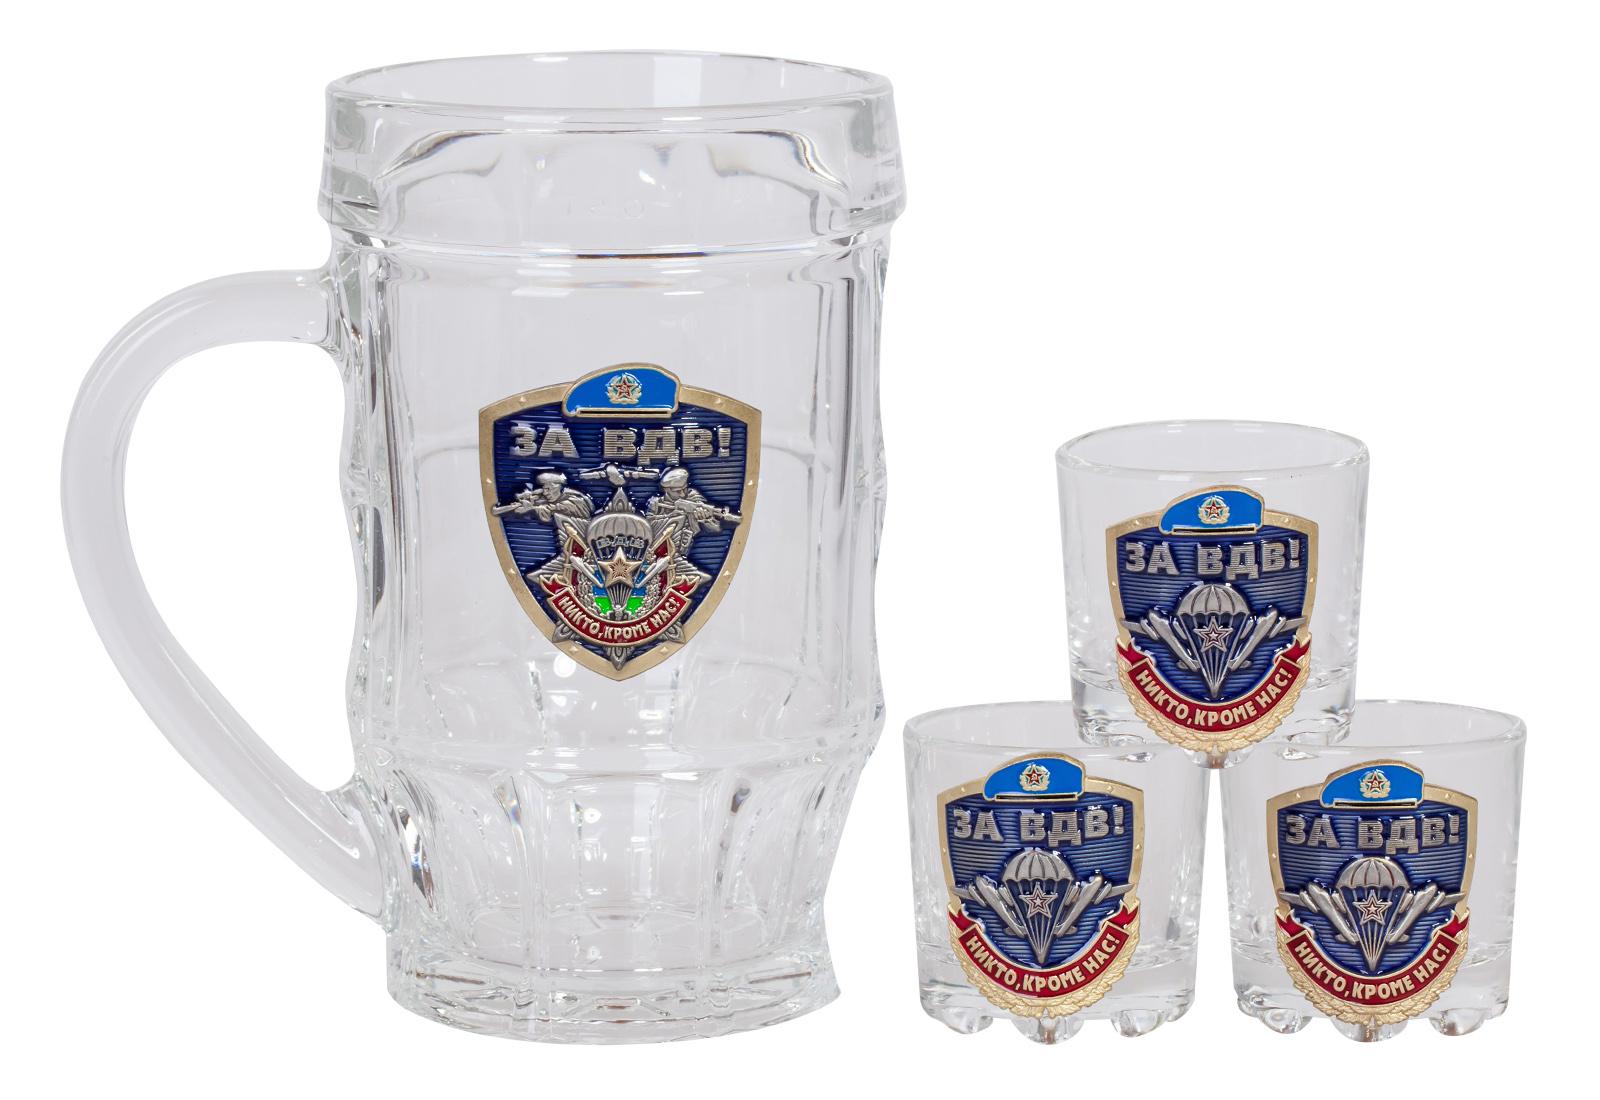 """Оригинальный стеклянный набор для алкоголя """"За ВДВ!"""" недорого"""